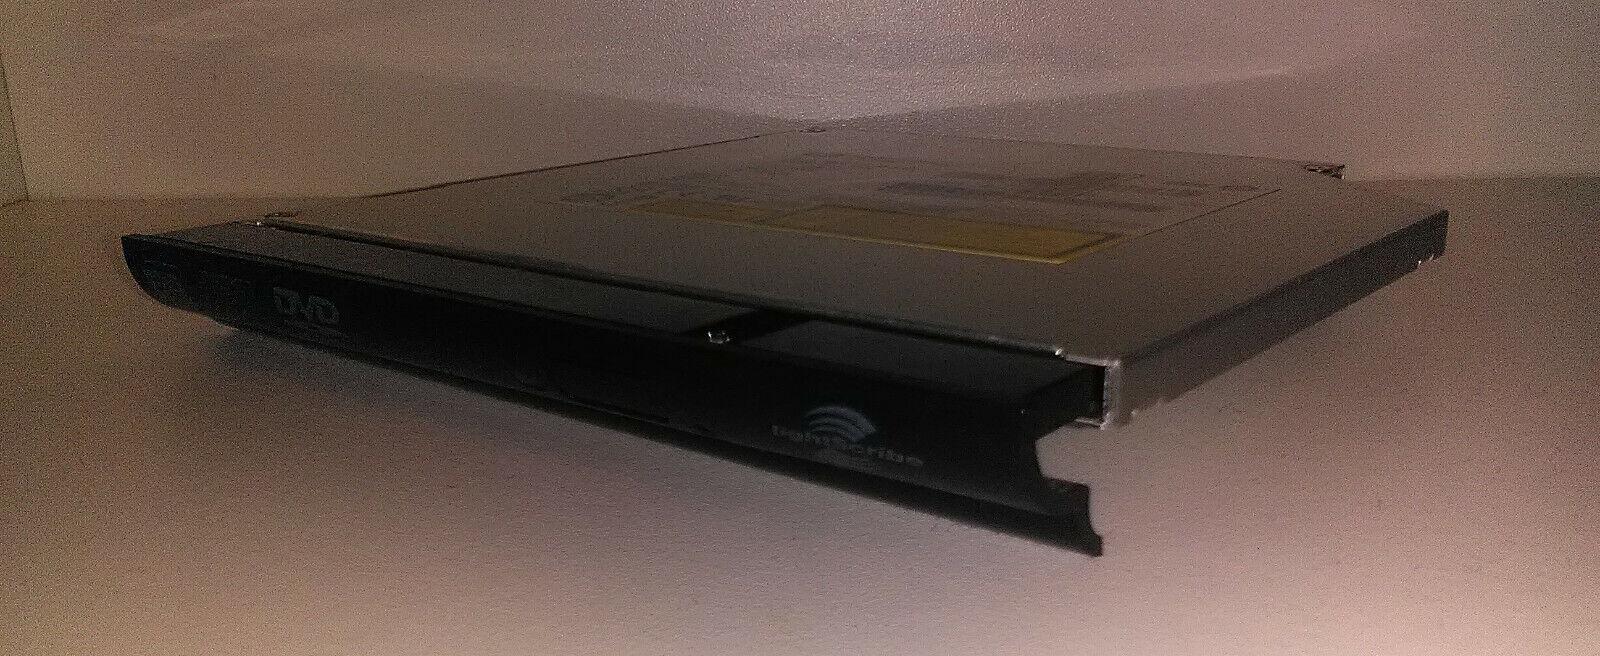 Graveur/lecteur cd et dvd interne lightscribe hp gsa-t20l pour pc portable